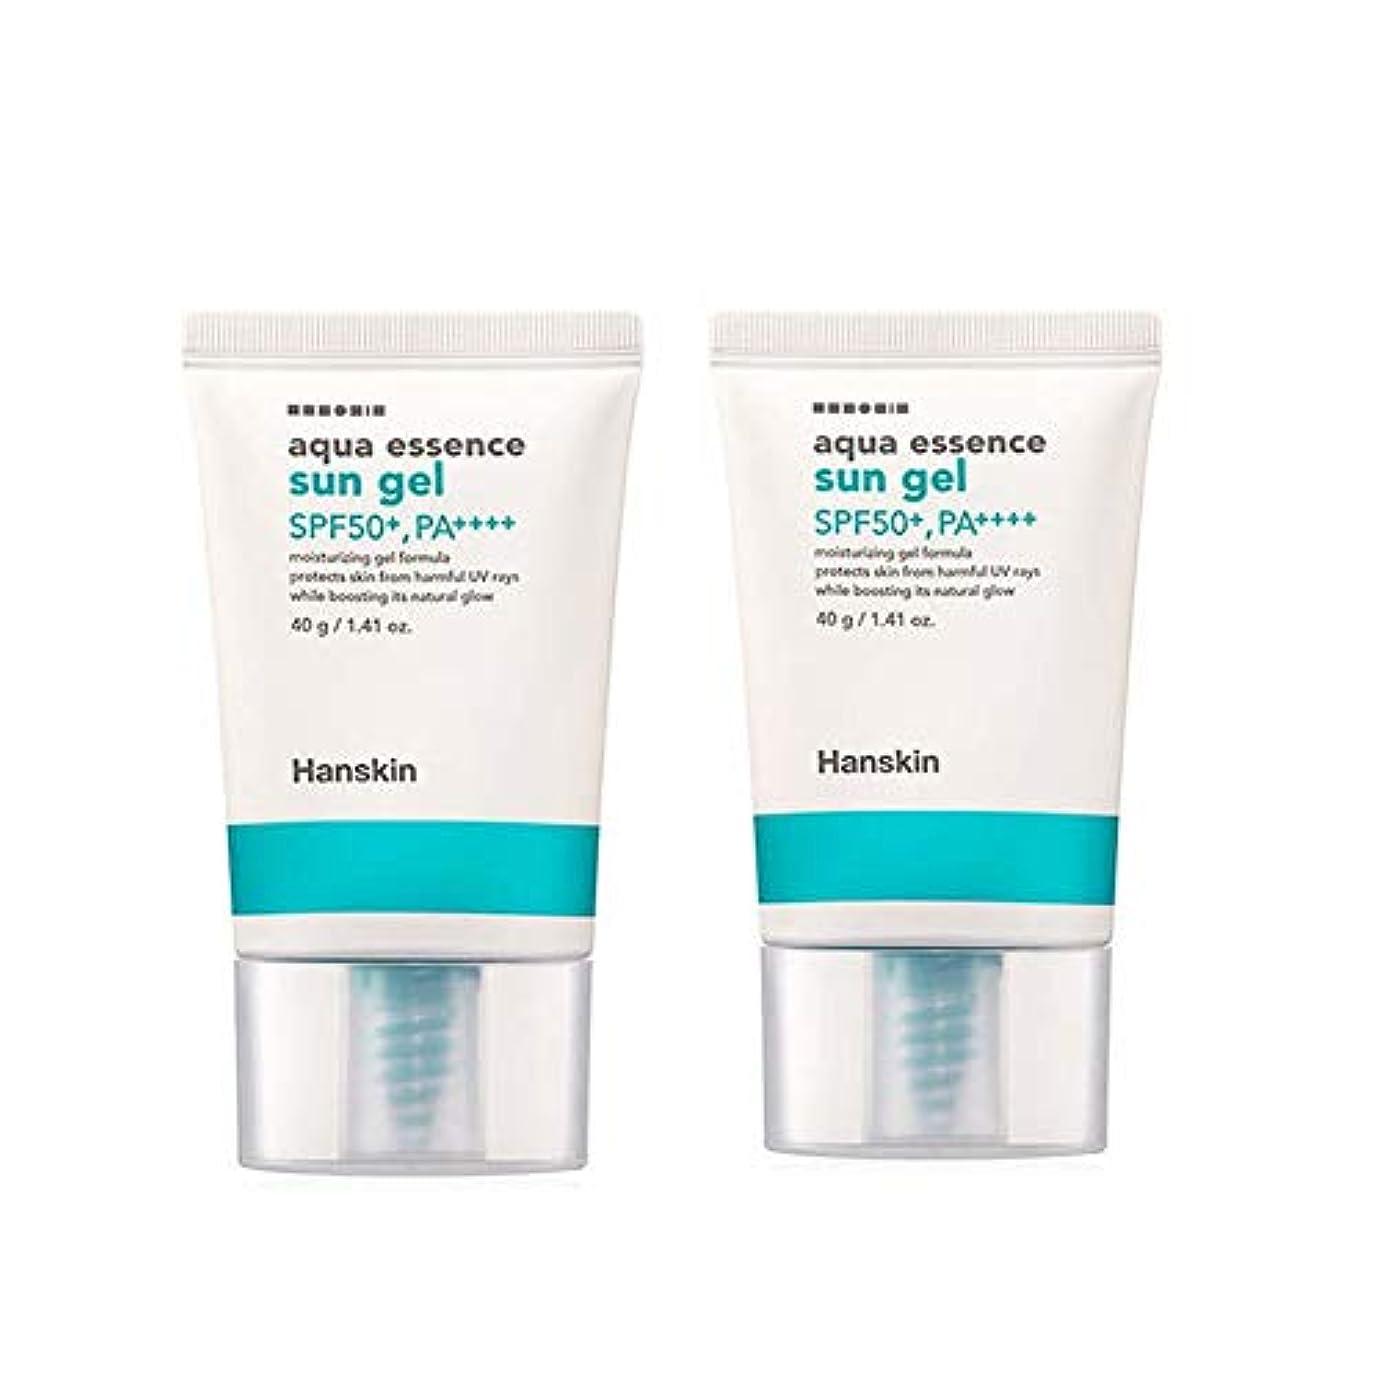 強制所属雇ったハンスキンアクアエッセンスサンゼル40gx2本セットサンクリーム韓国コスメ、Hanskin Aqua Essence Sun Gel 40g x 2ea Set Sun Cream Korean Cosmetics [並行輸入品]